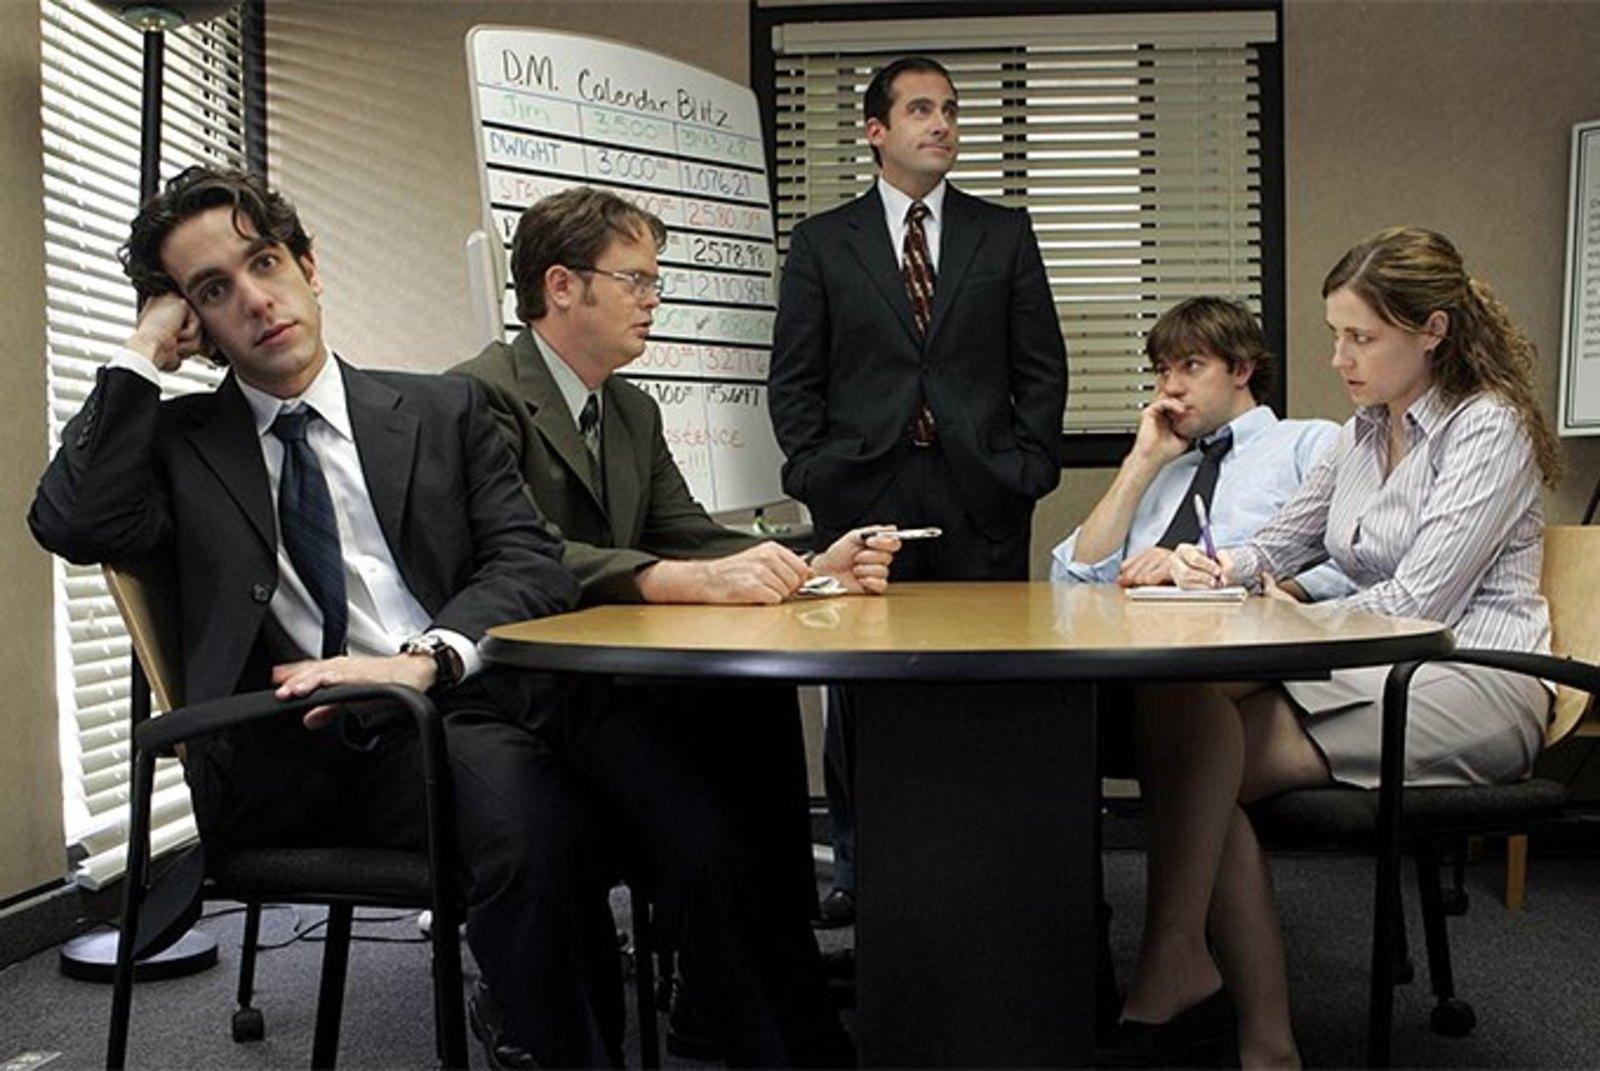 Нет ничего плохого в том, что человек работает на одном и том же месте 10 лет, если его все устраивает / Кадр из сериала «Офис»